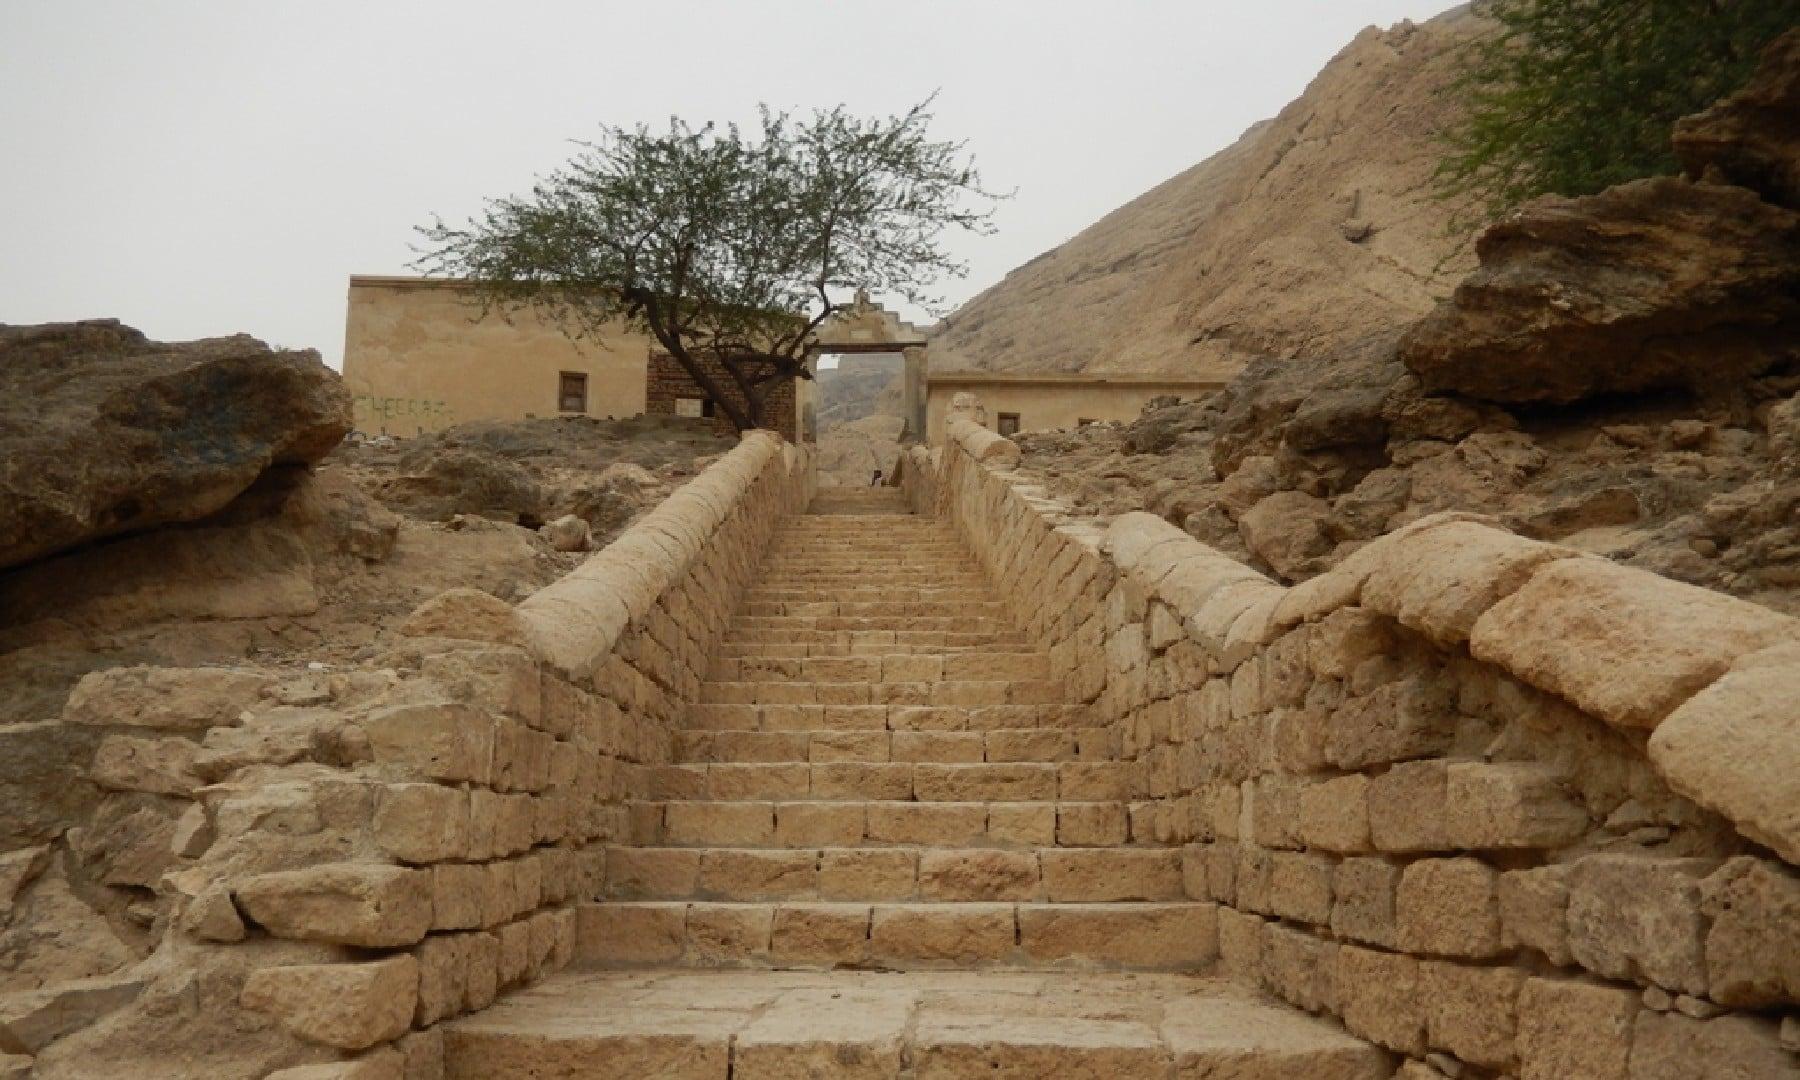 سیڑھیوں پر سیمنٹ اور لوہے کی ایک تہہ بچھا دی گئی ہے